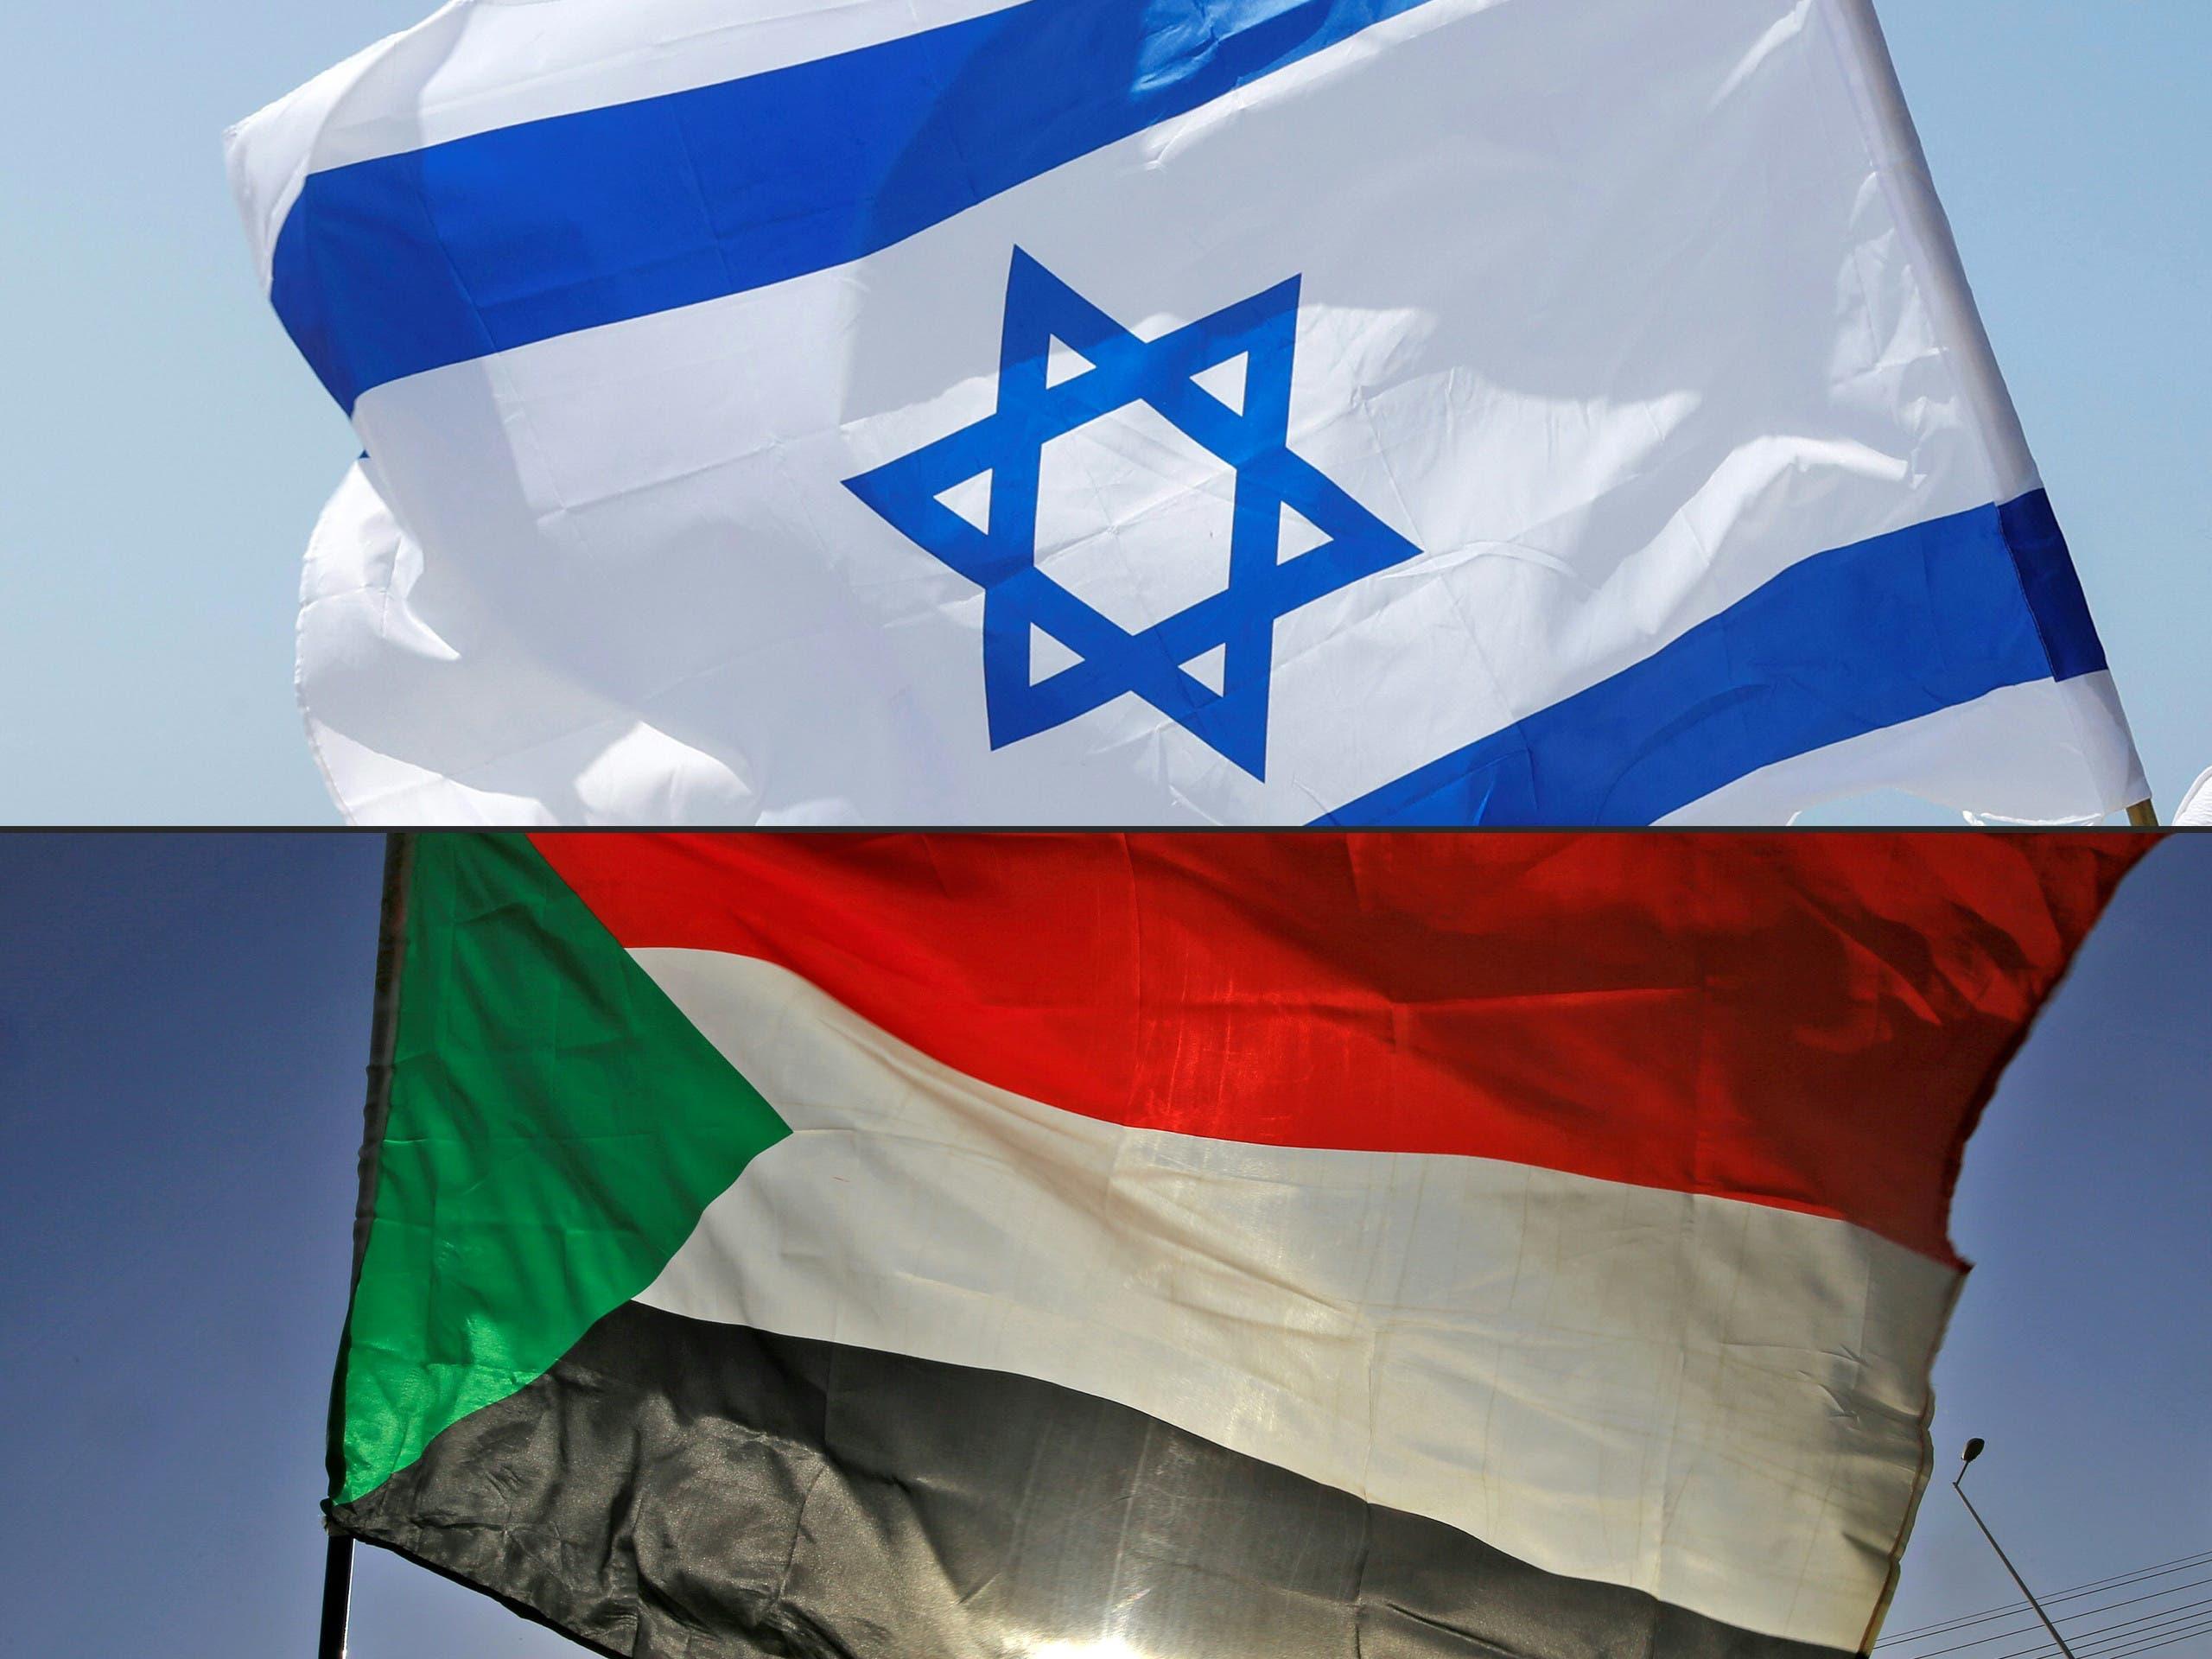 علما إسرائيل والسودان (فرانس برس)